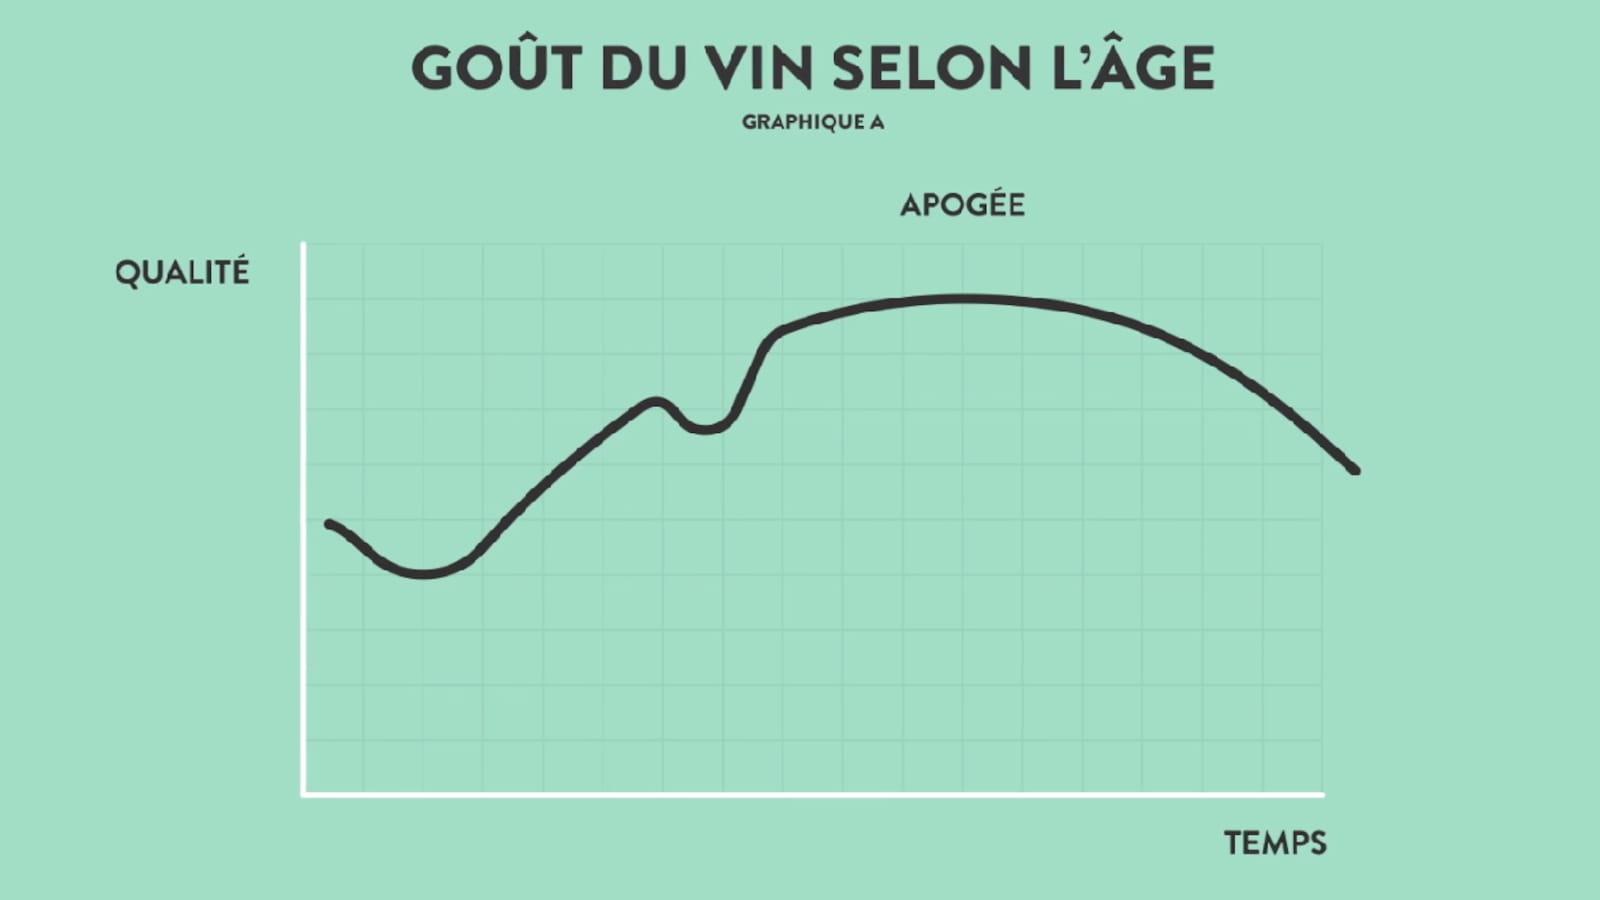 Graphique indiquant le meilleur moment pour boire une bouteille de vin de garde.